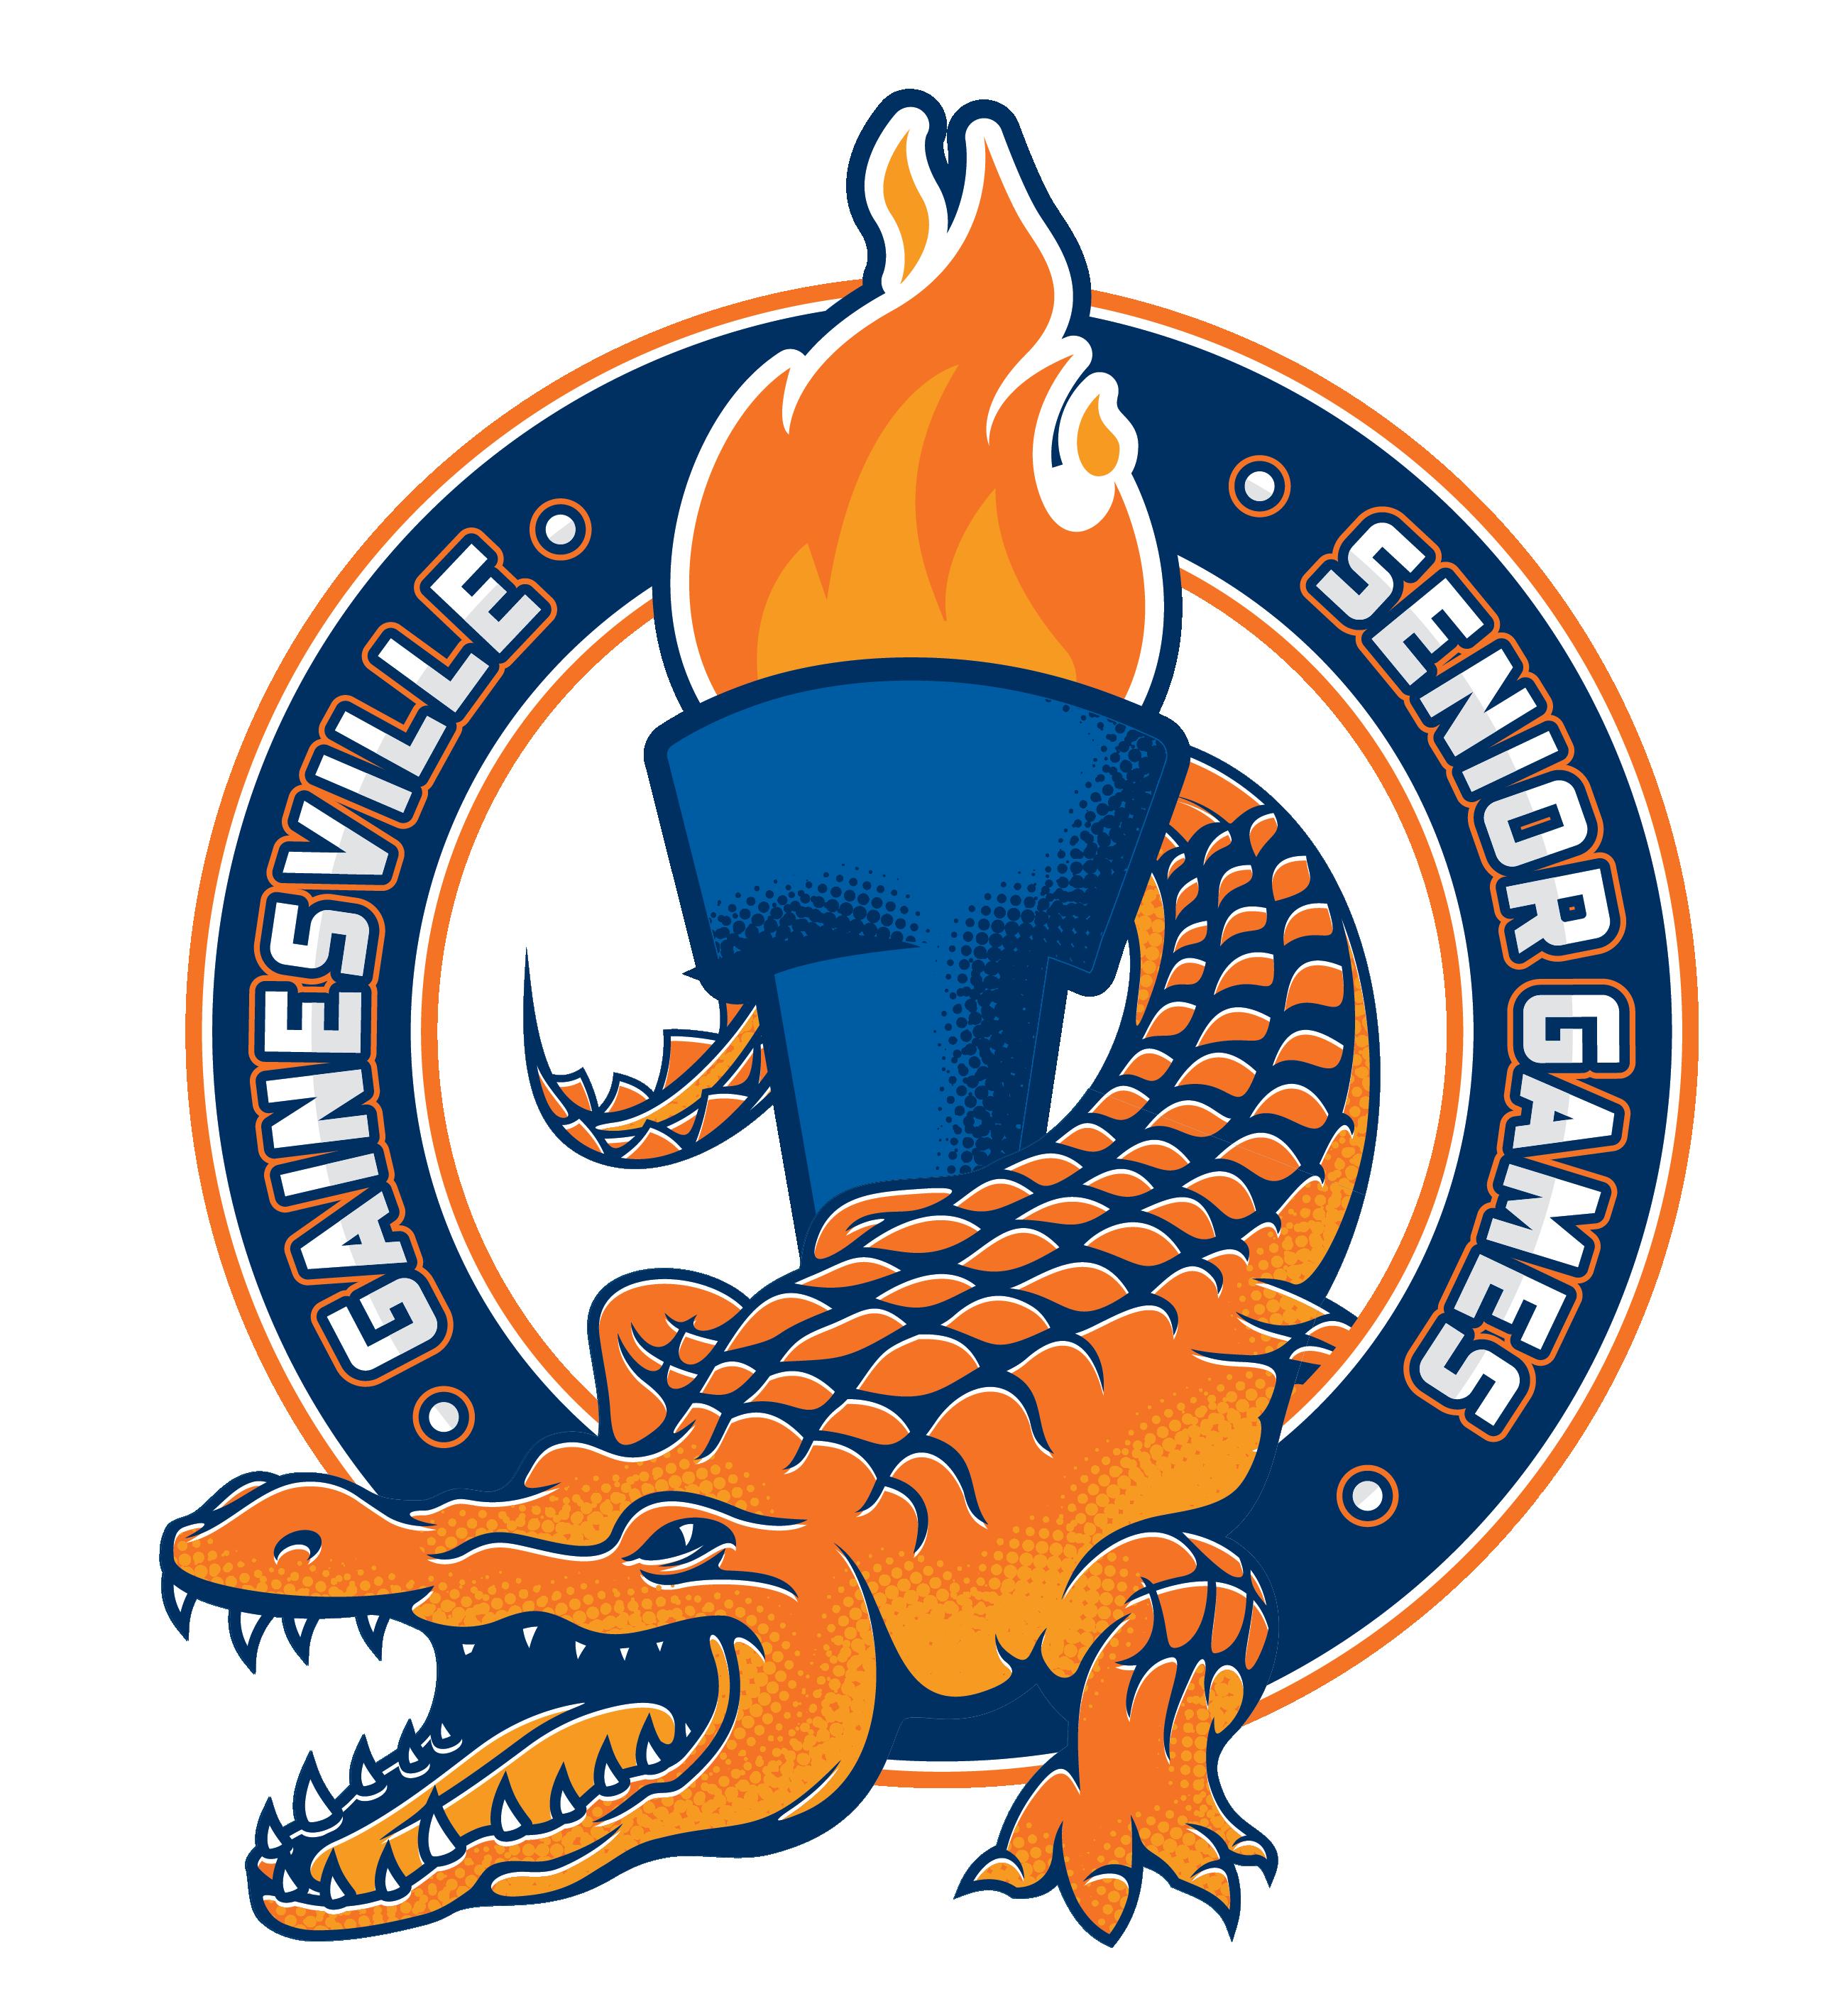 20th Annual Gainesville Senior Games – Table Tennis